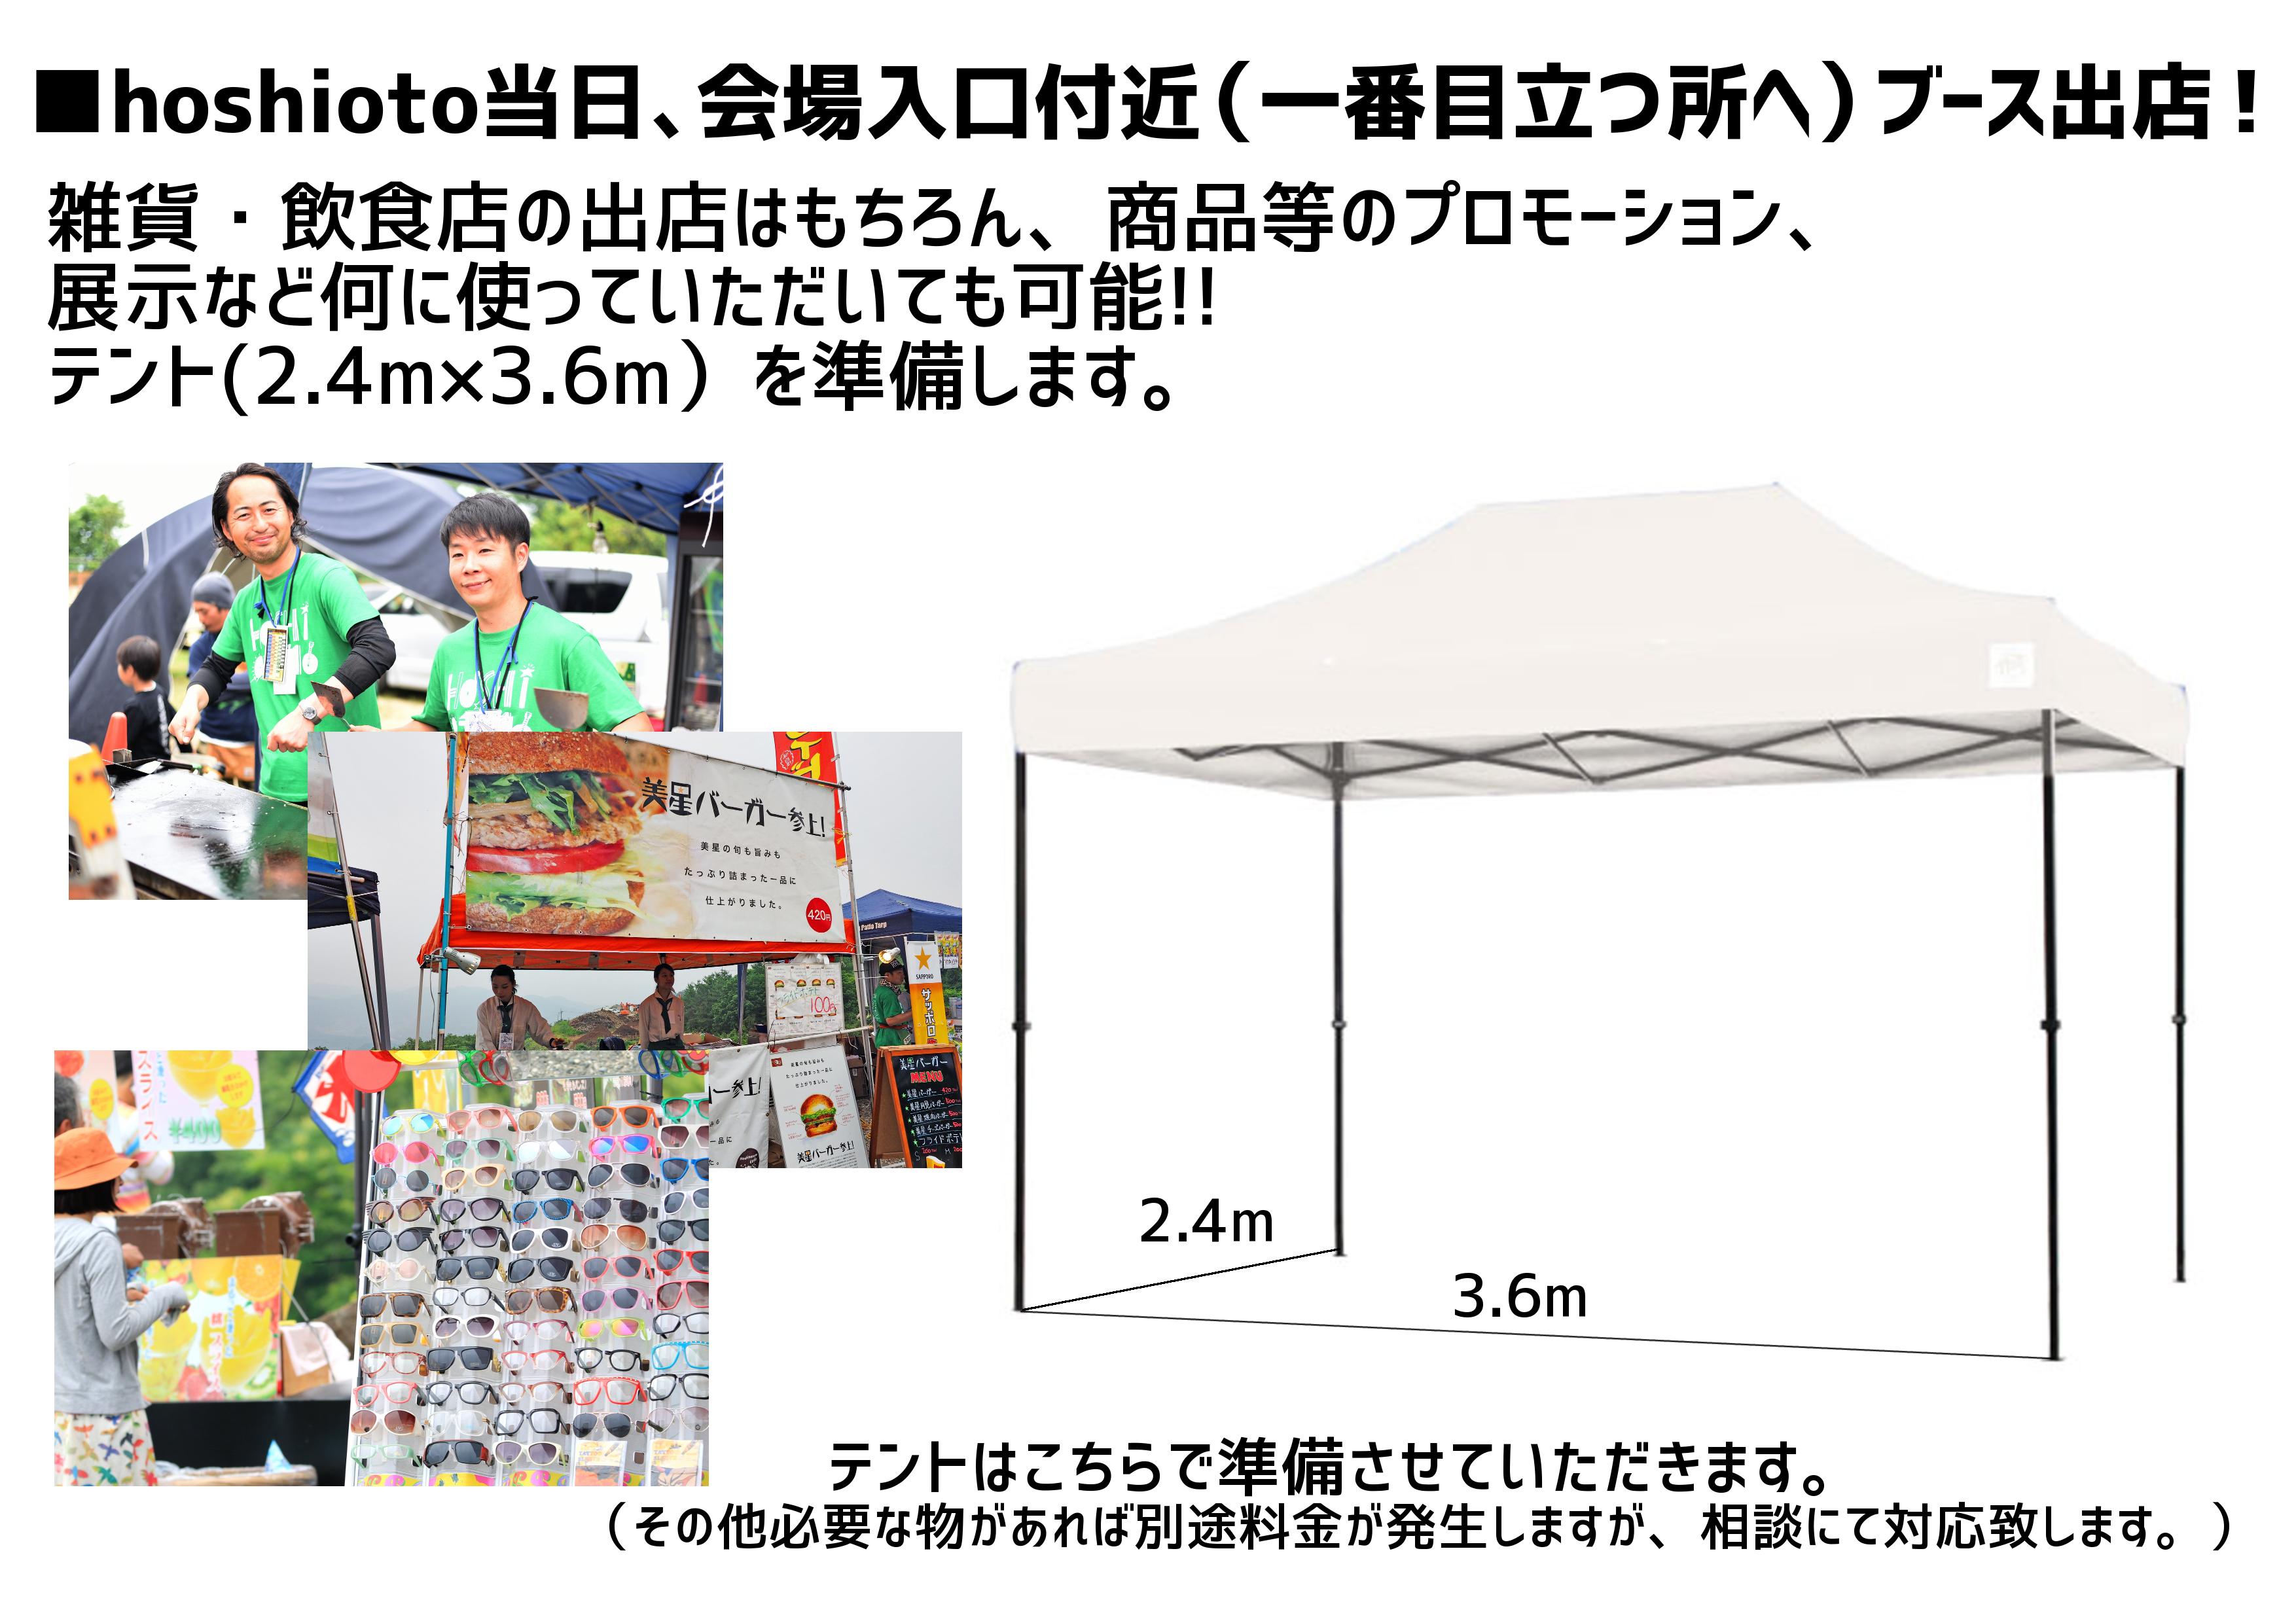 <企業様向けhoshioto'20出店プラン)>